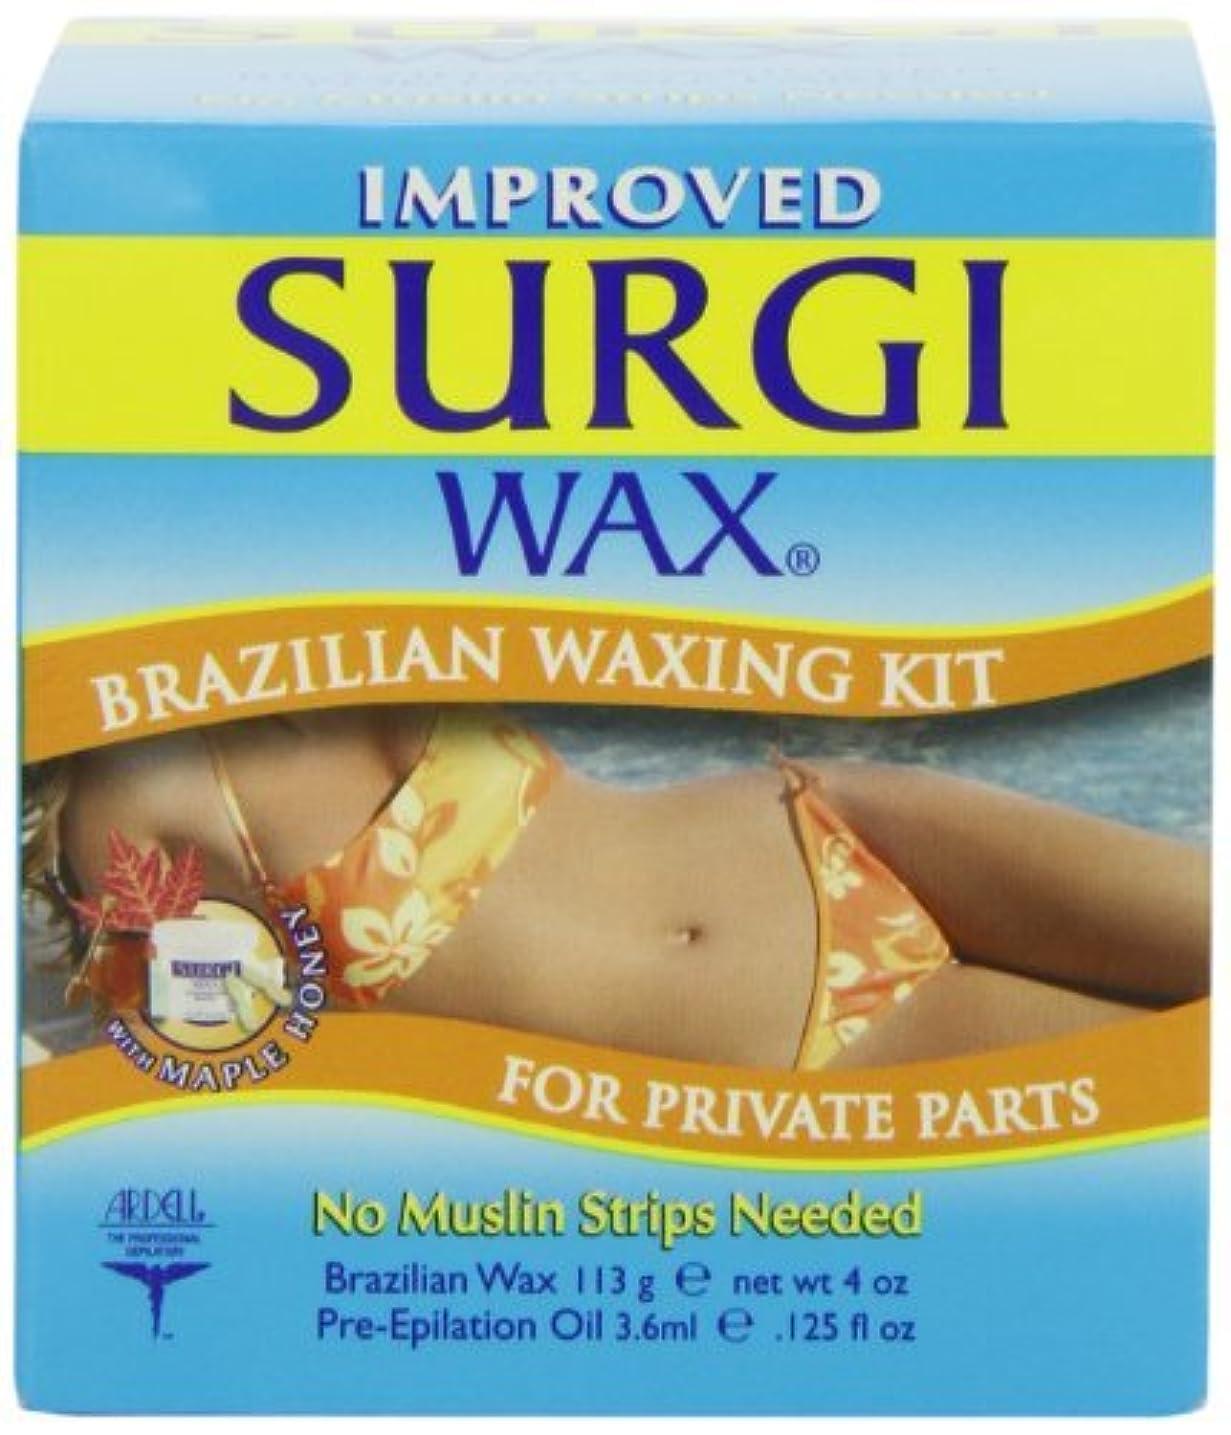 トランペット合図ぴかぴかブラジリアン ワックス (ビキニライン用) Brazilian Waxing Kit For Private Parts【並行輸入品】